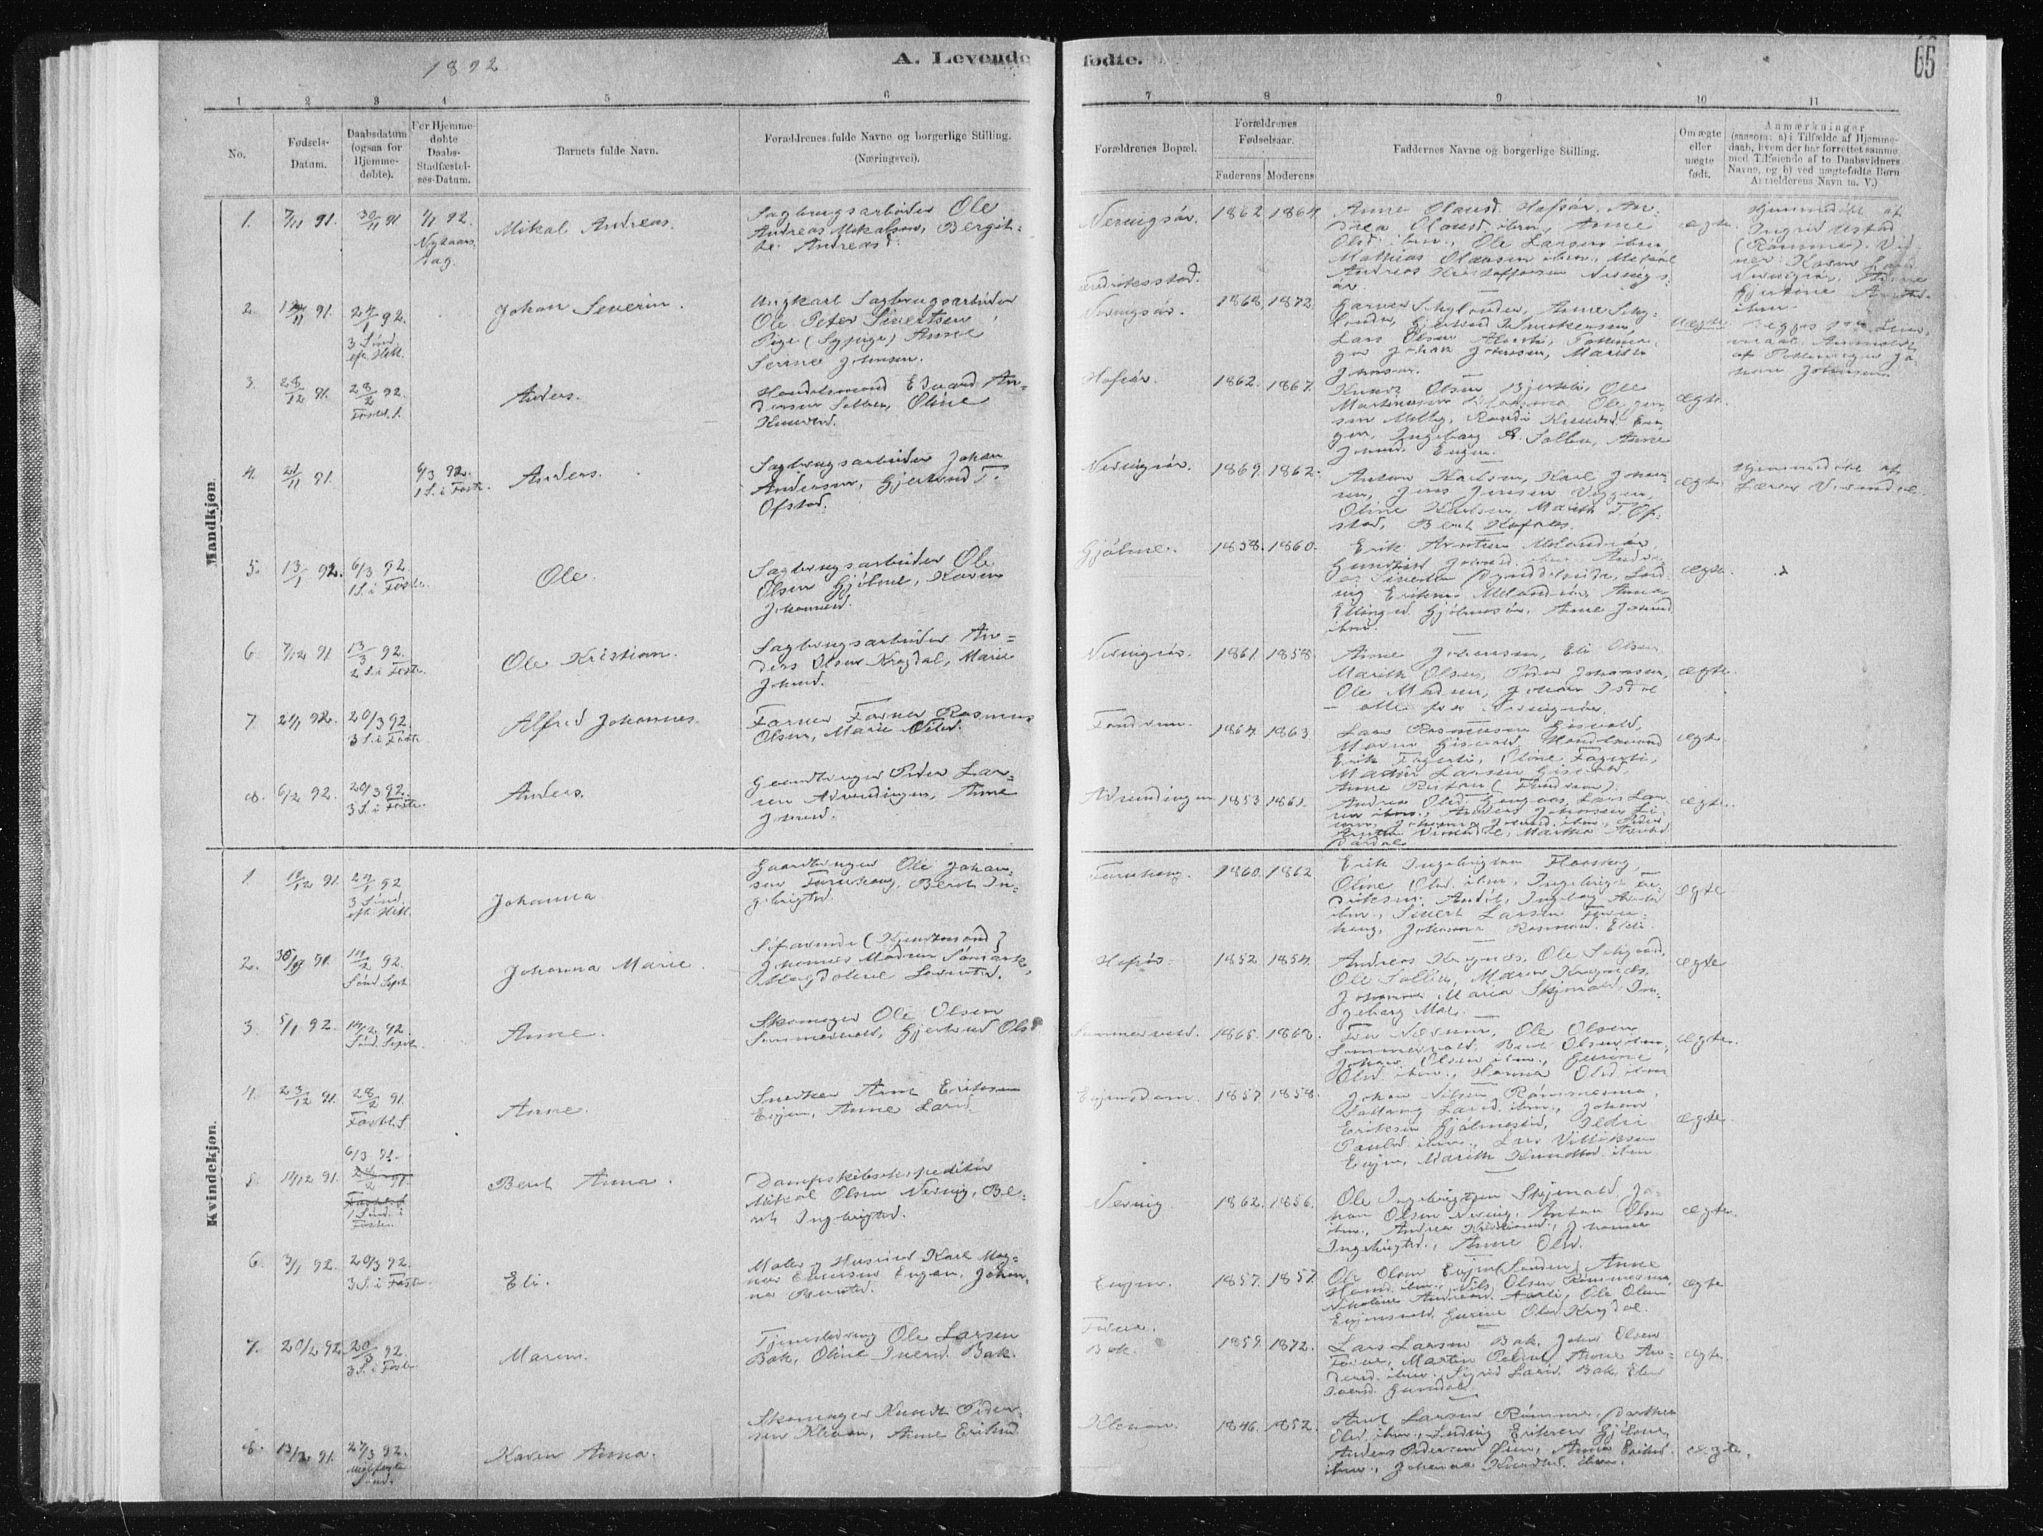 SAT, Ministerialprotokoller, klokkerbøker og fødselsregistre - Sør-Trøndelag, 668/L0818: Klokkerbok nr. 668C07, 1885-1898, s. 65